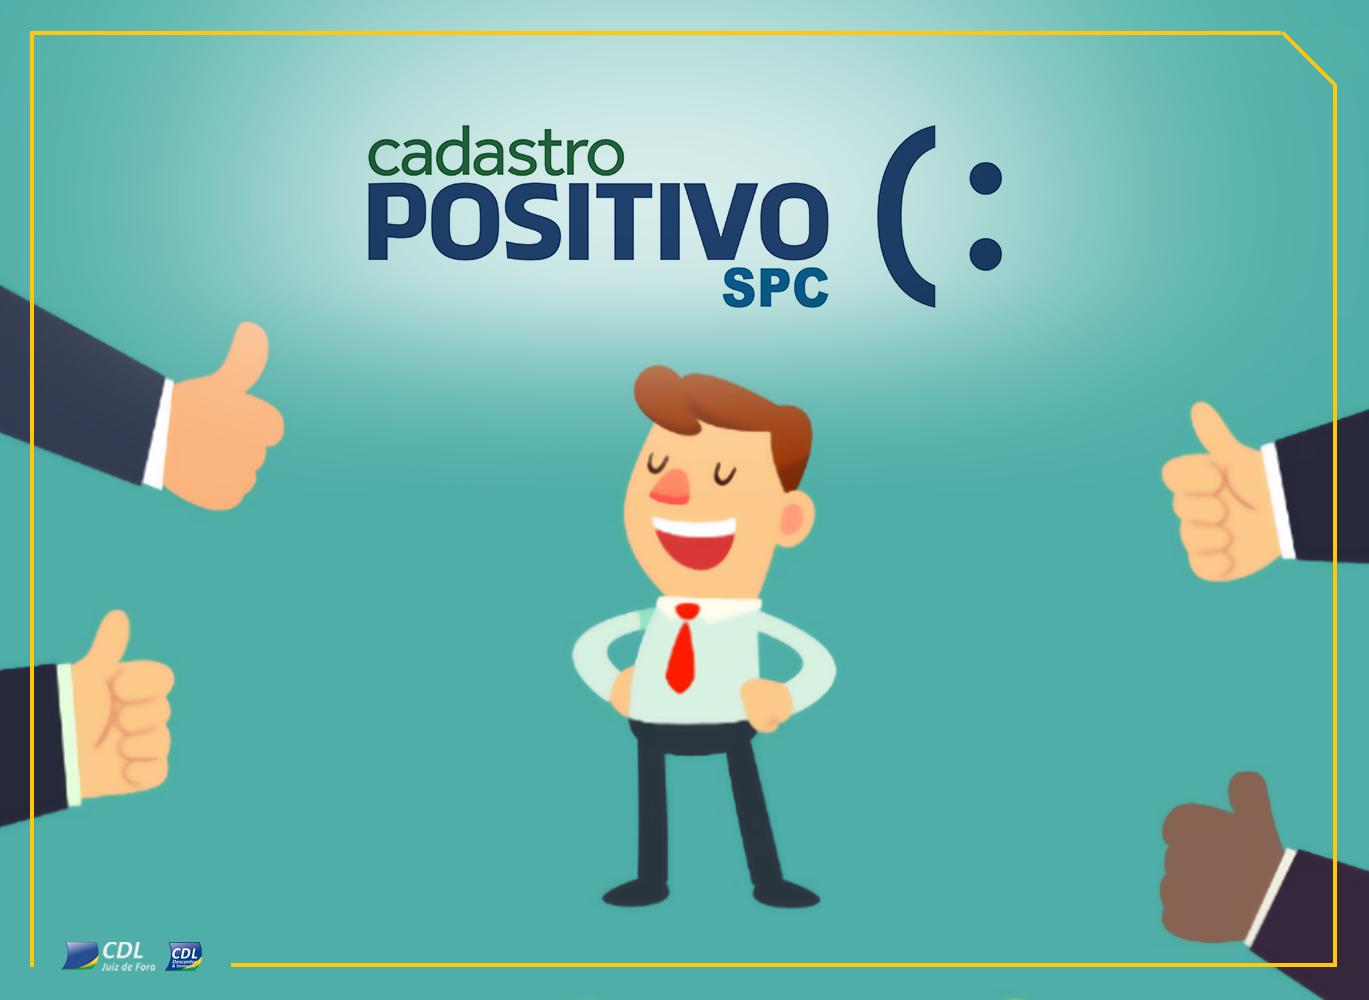 Cadastro Positivo o que muda para o consumidor brasileiro